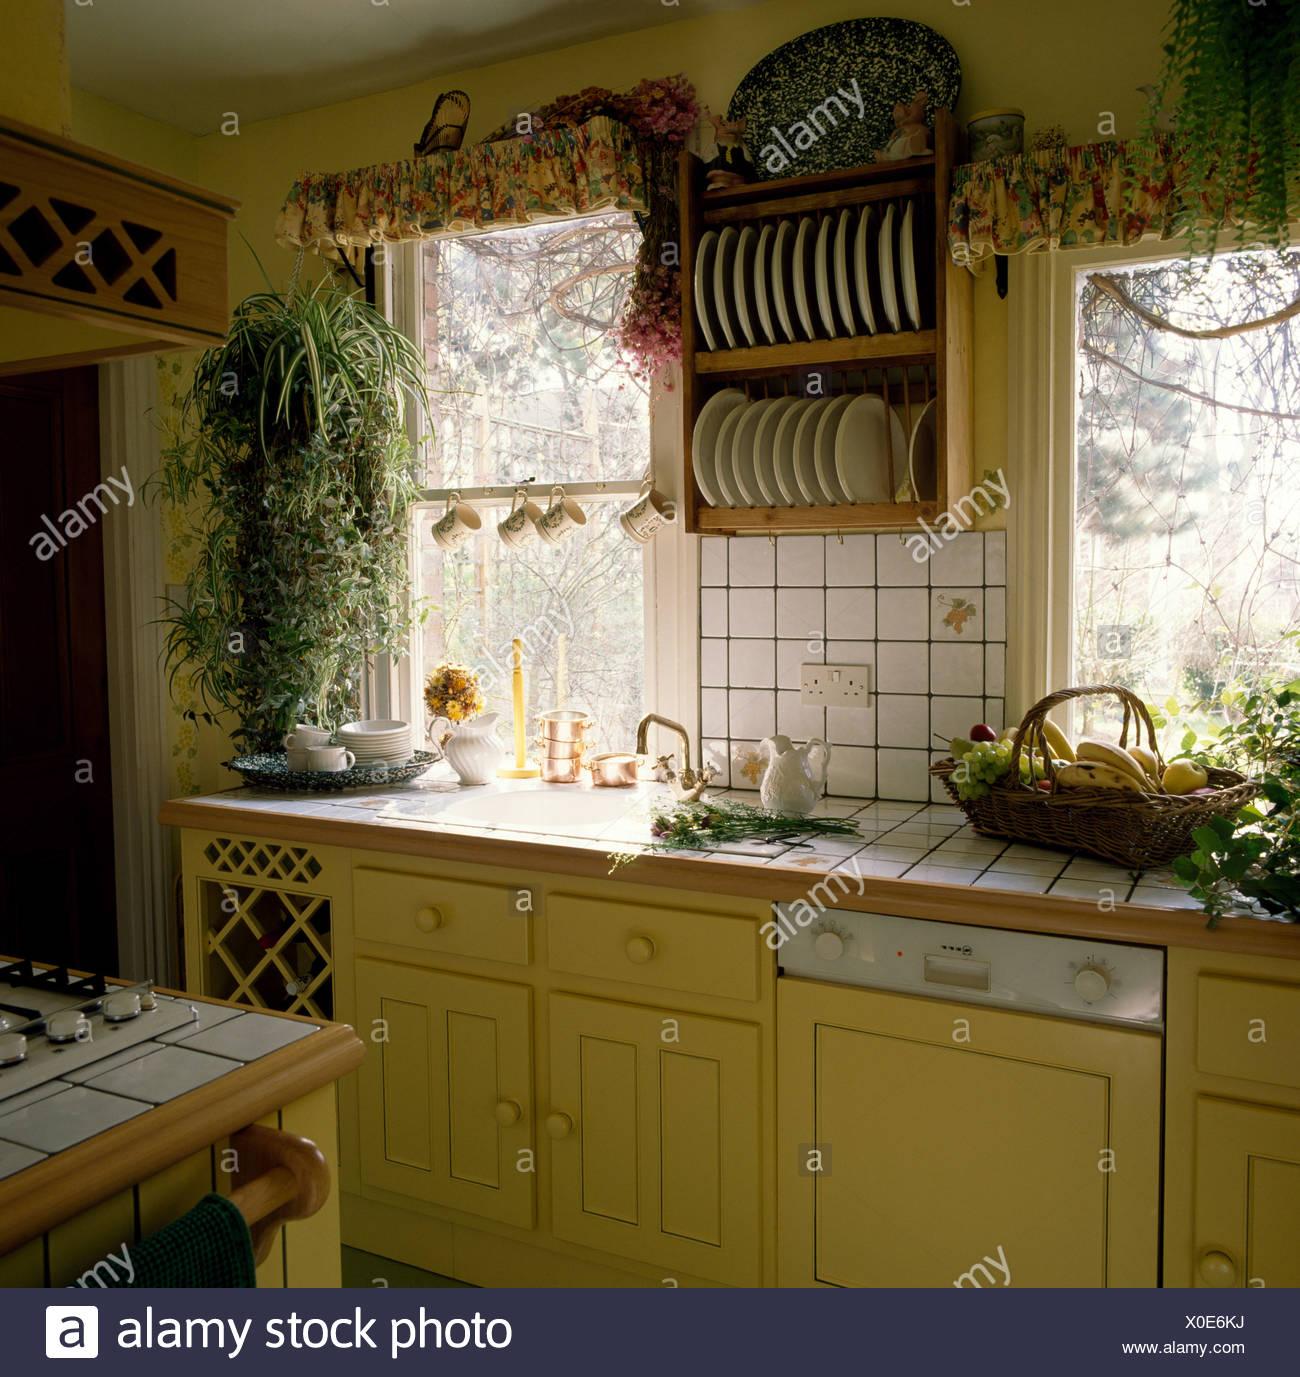 Tellerhalter Oberhalb Weiß Gefliesten Arbeitsplatte In Gelbe Küche Mit  Geschirrspüler